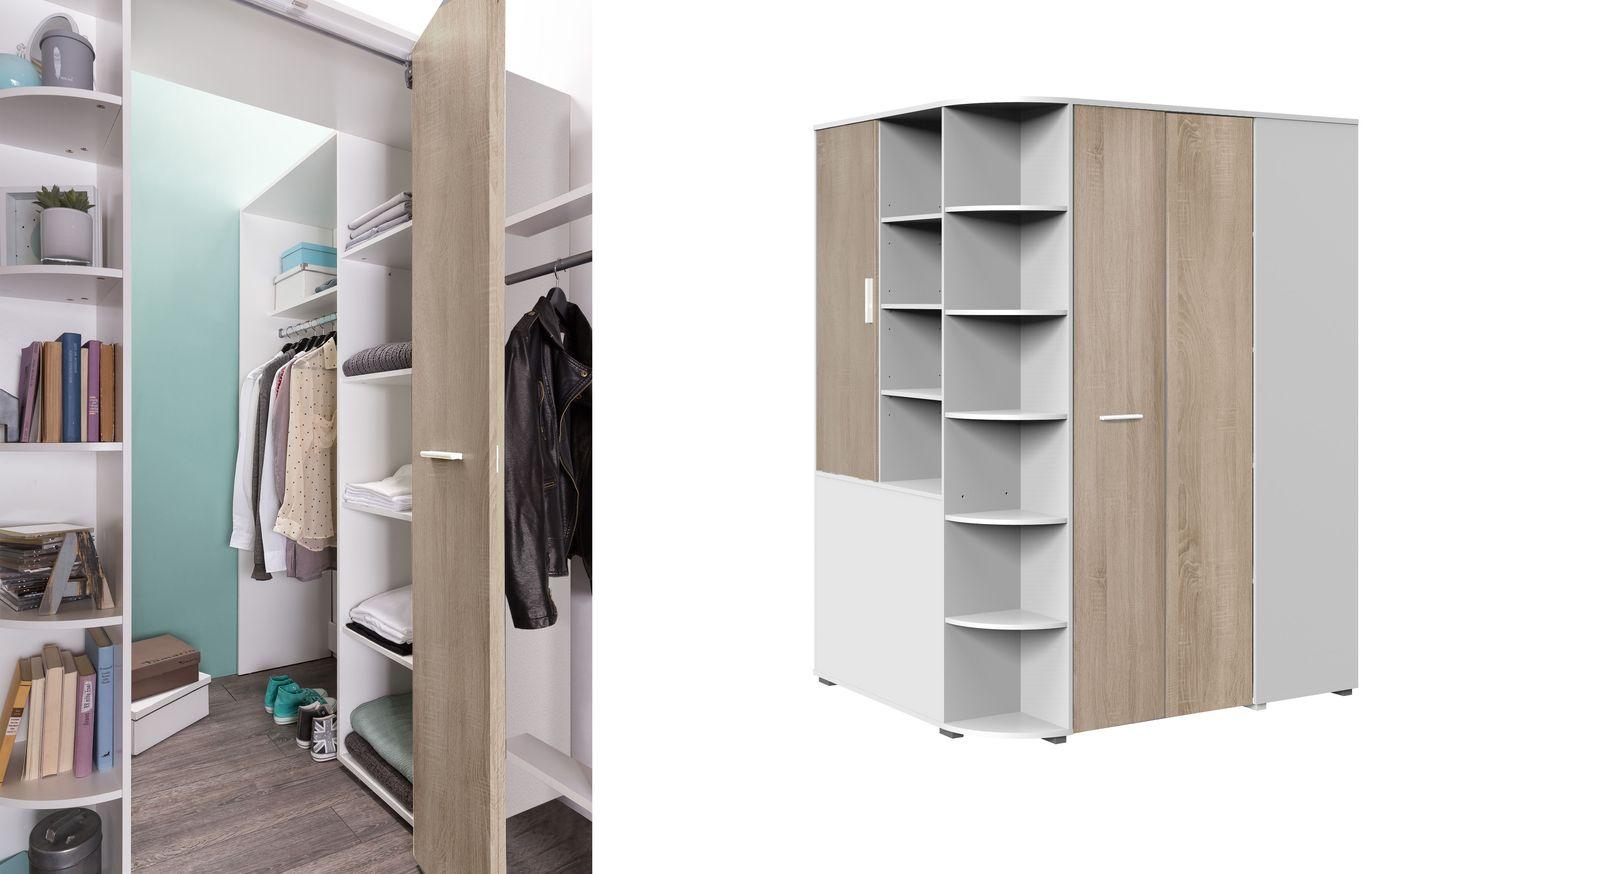 Begehbarer Eck-Kleiderschrank Solero mit klappbarer Tür